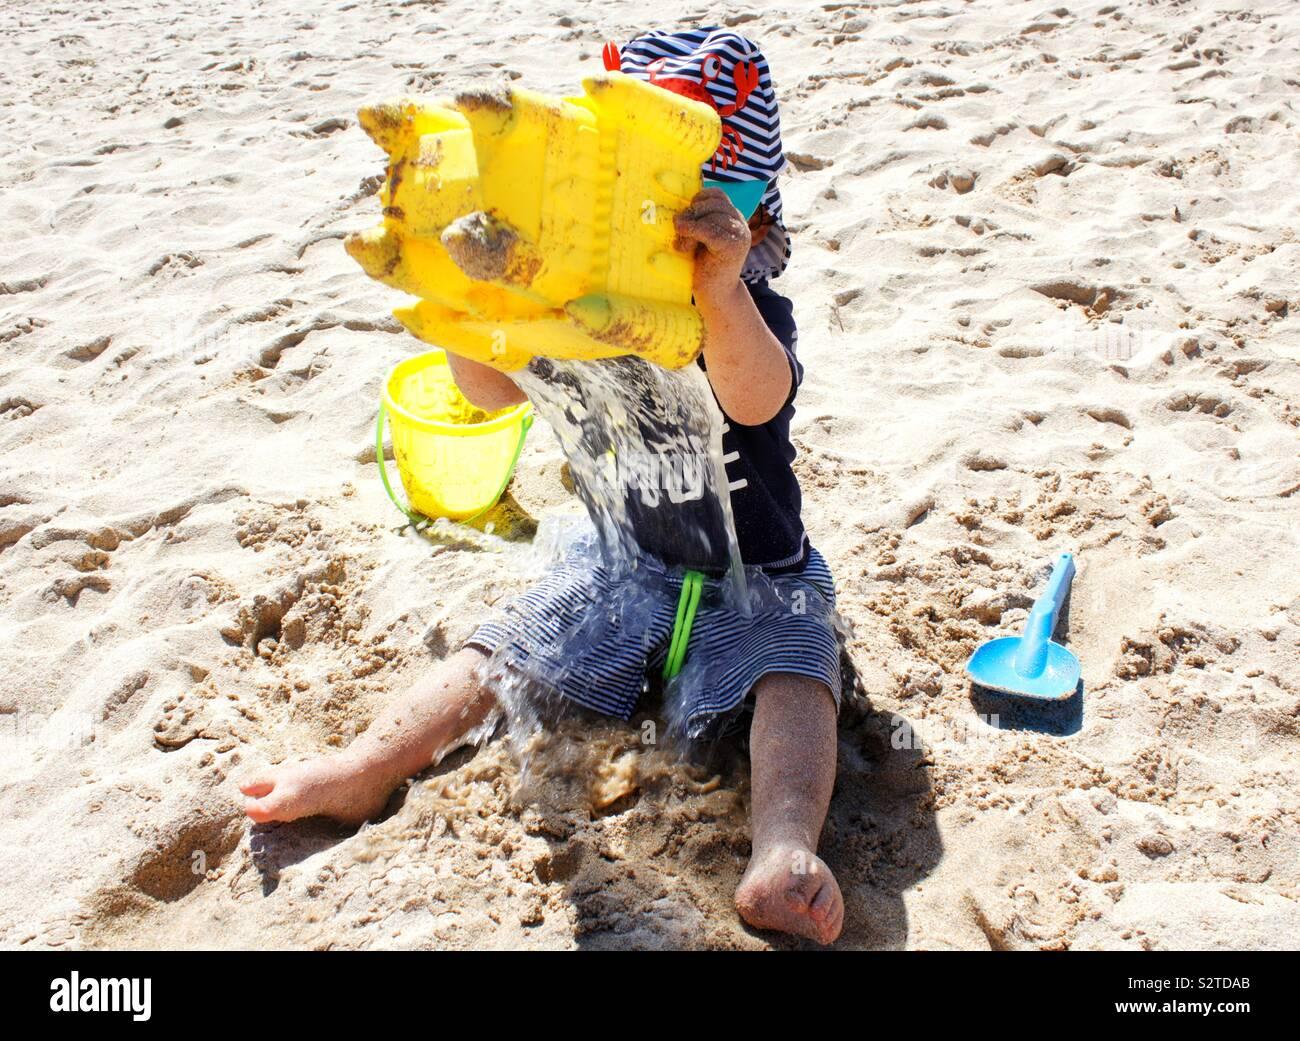 Niñito verter un cubo de agua sobre sí mismo Foto de stock